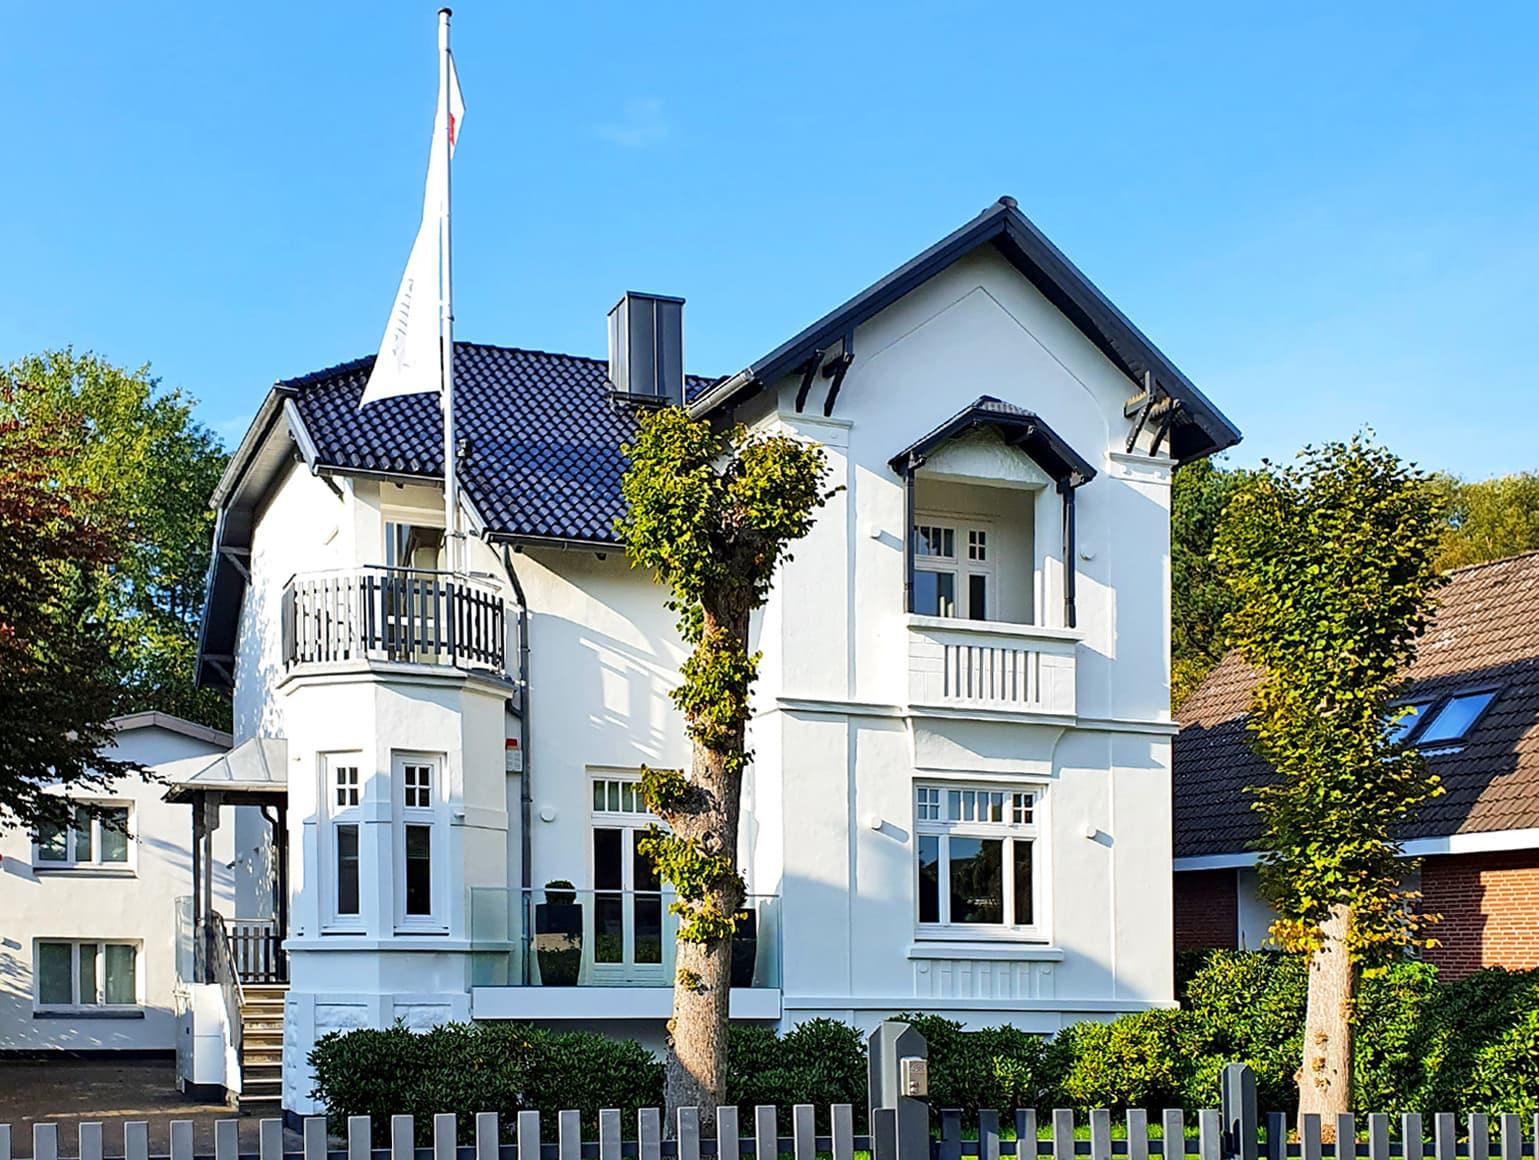 Weiße Villa mit blauem Dach und einer weißen Fahne.